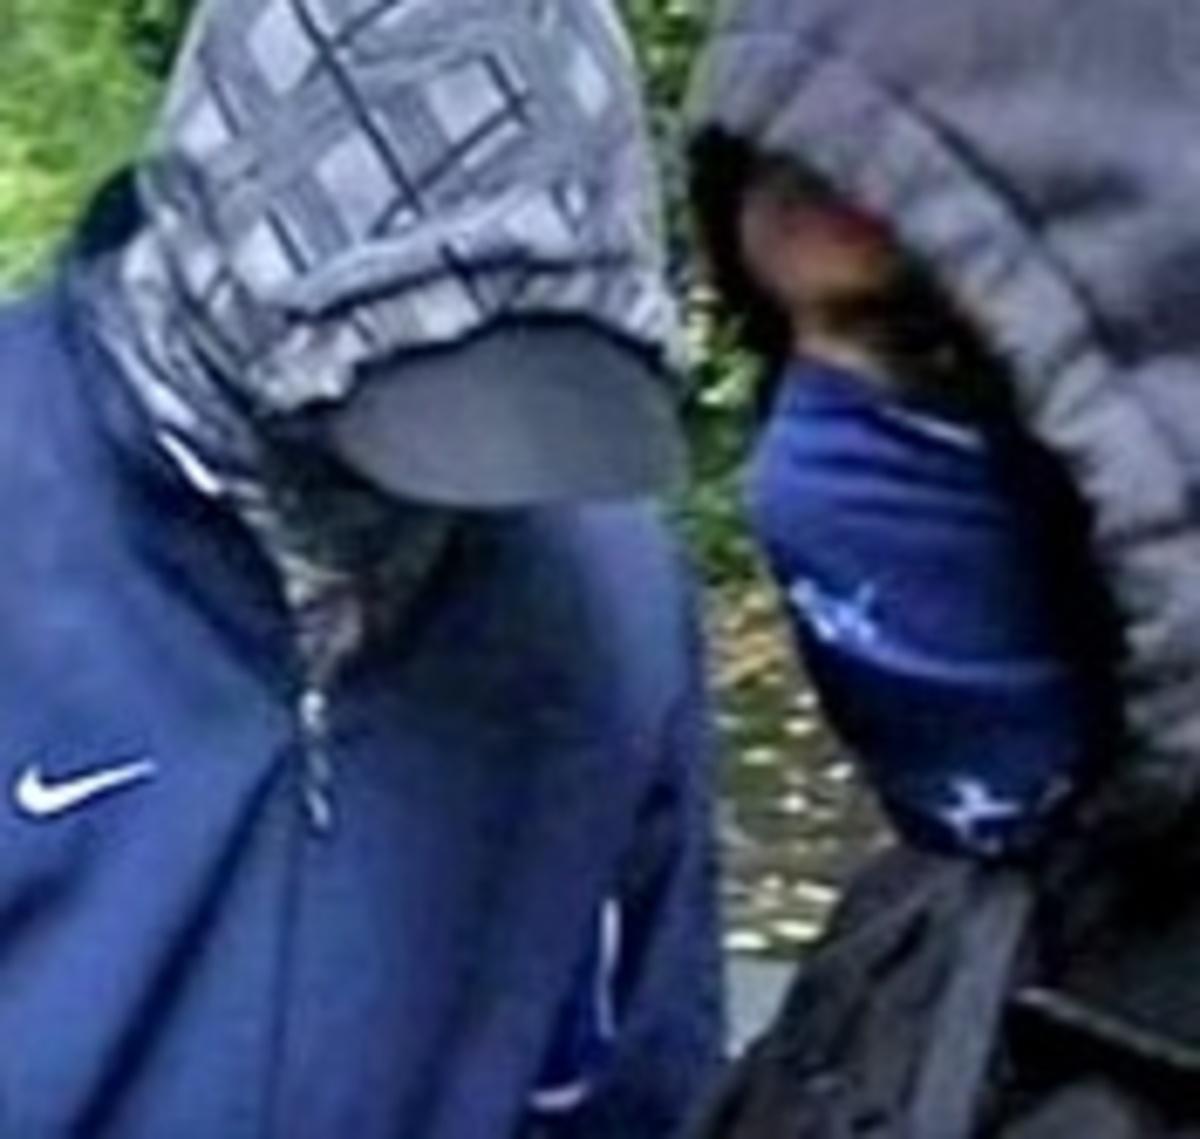 Κρήτη: Άγριο ξύλο σε σχολείο και τραυματισμός μαθητή με κατσαβίδι! | Newsit.gr